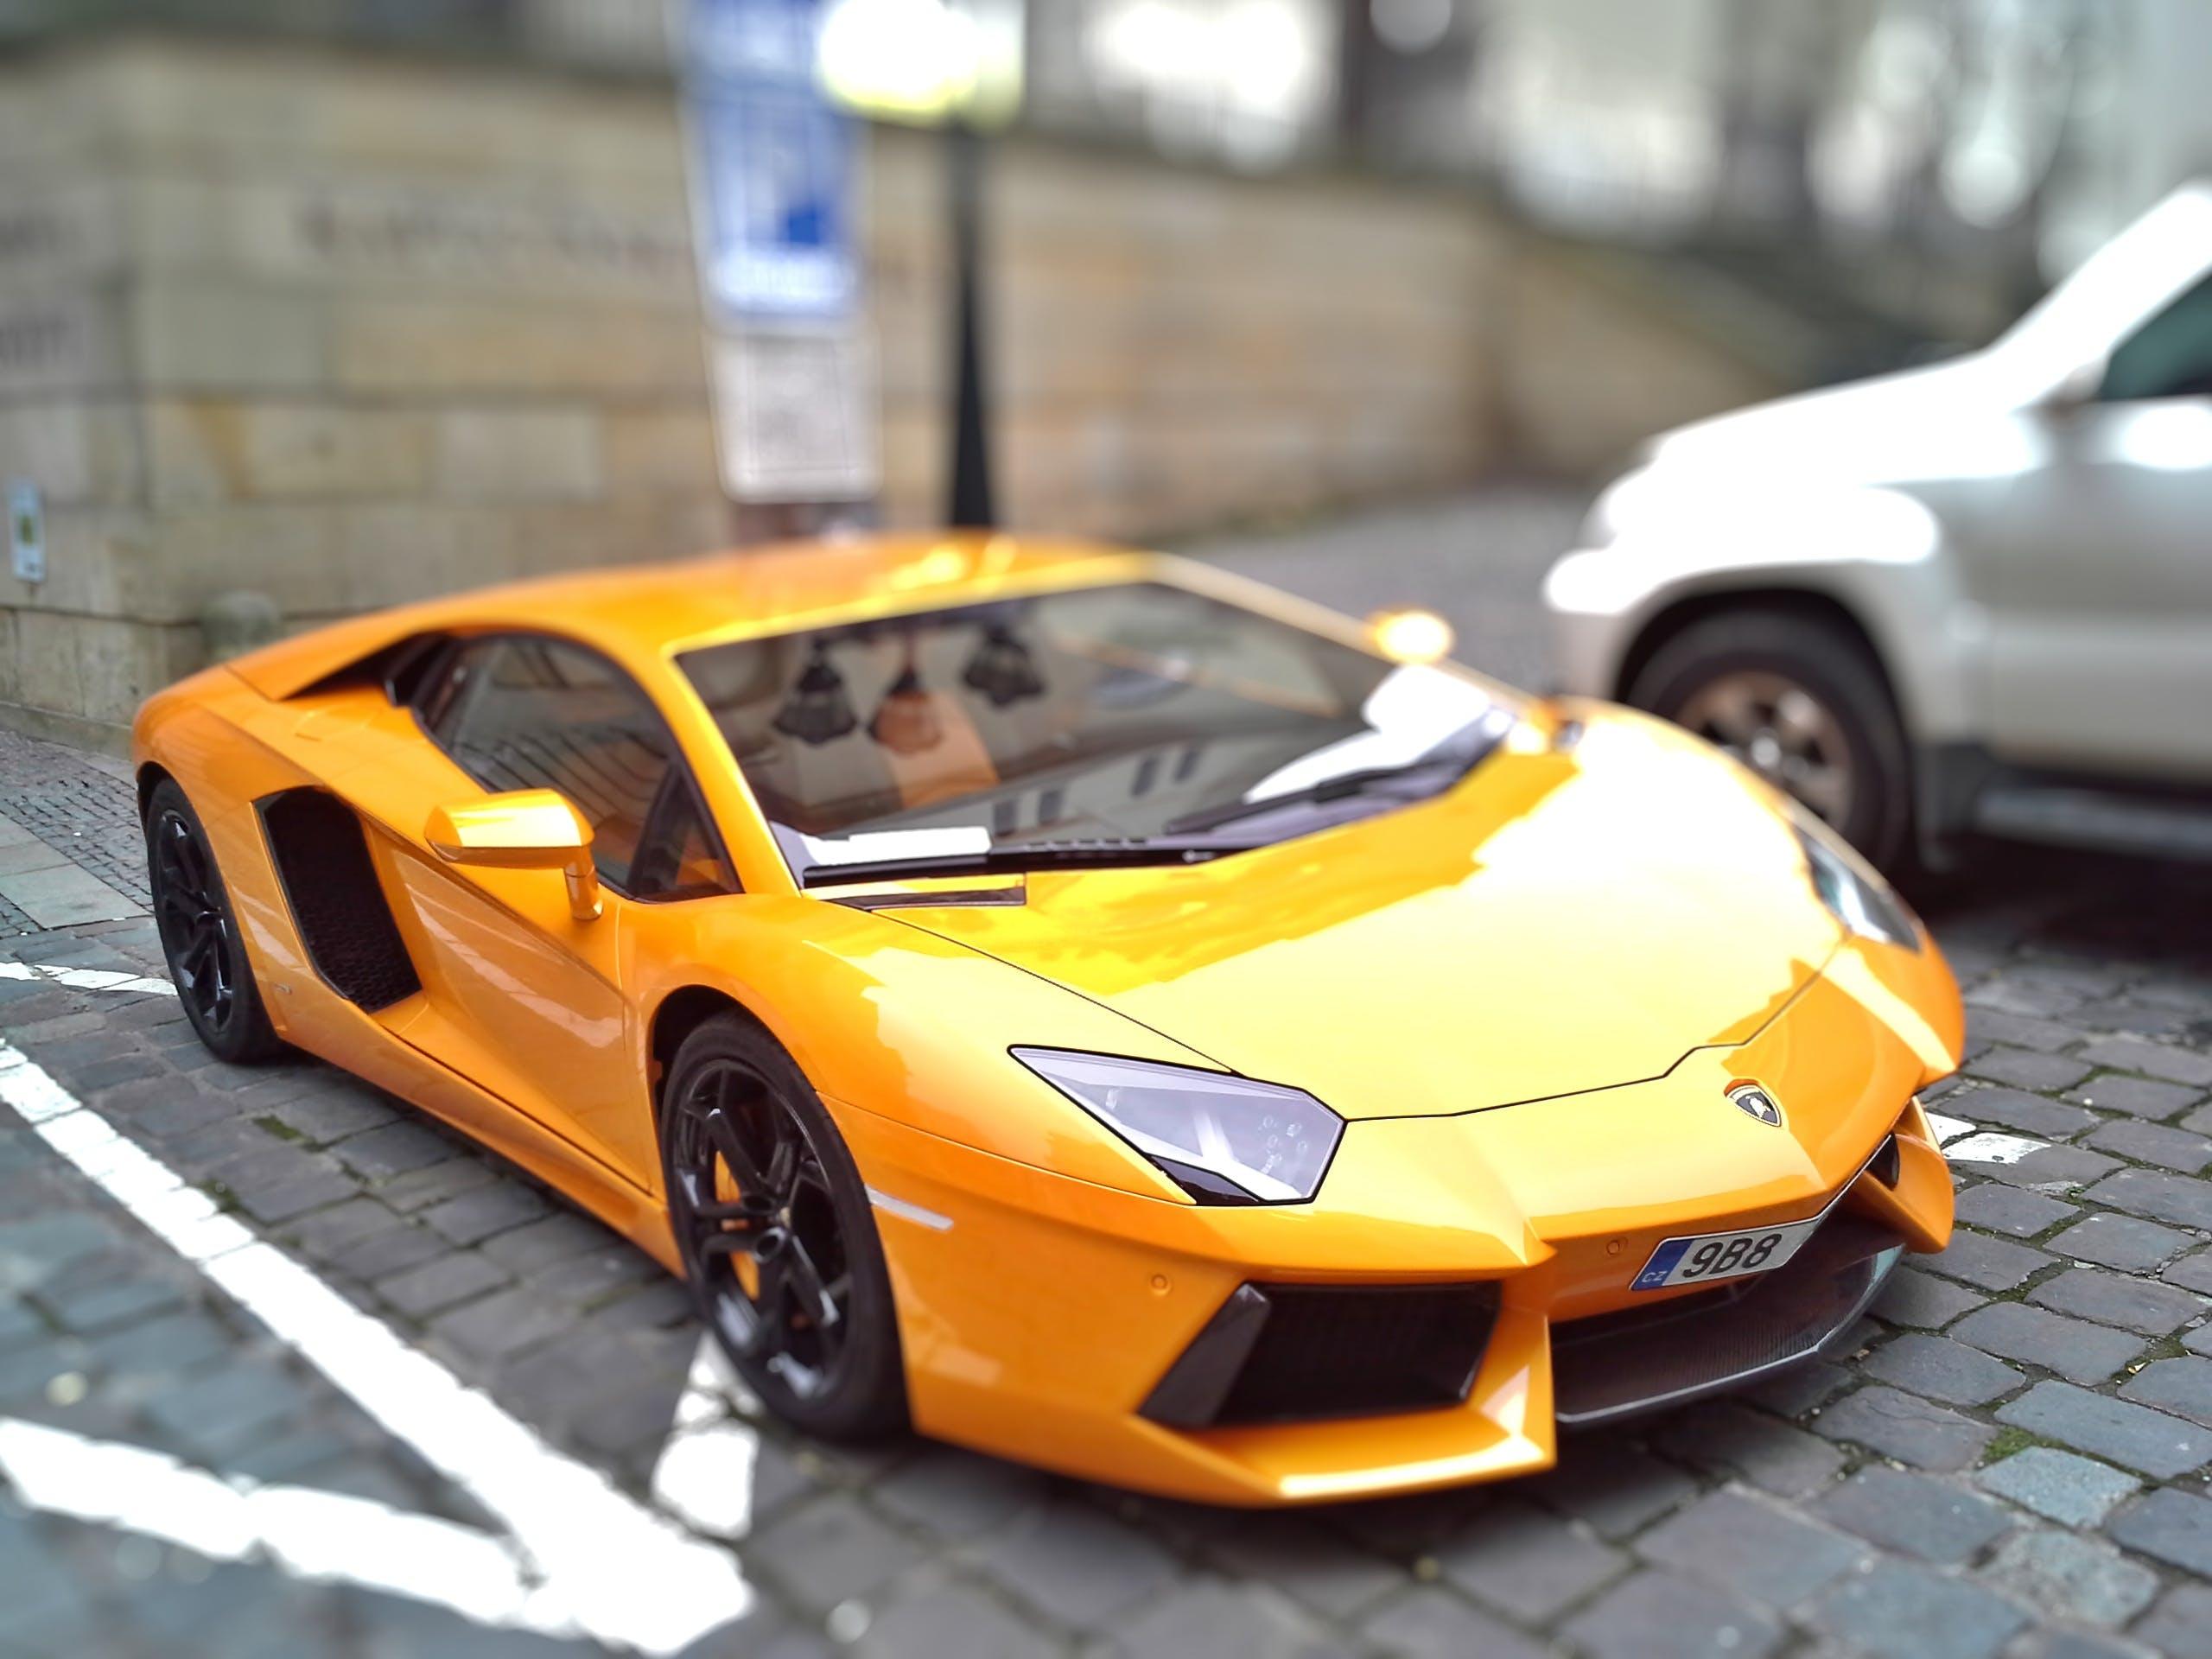 Fotos de stock gratuitas de amarillo, automotor, automóviles, cambio de inclinación